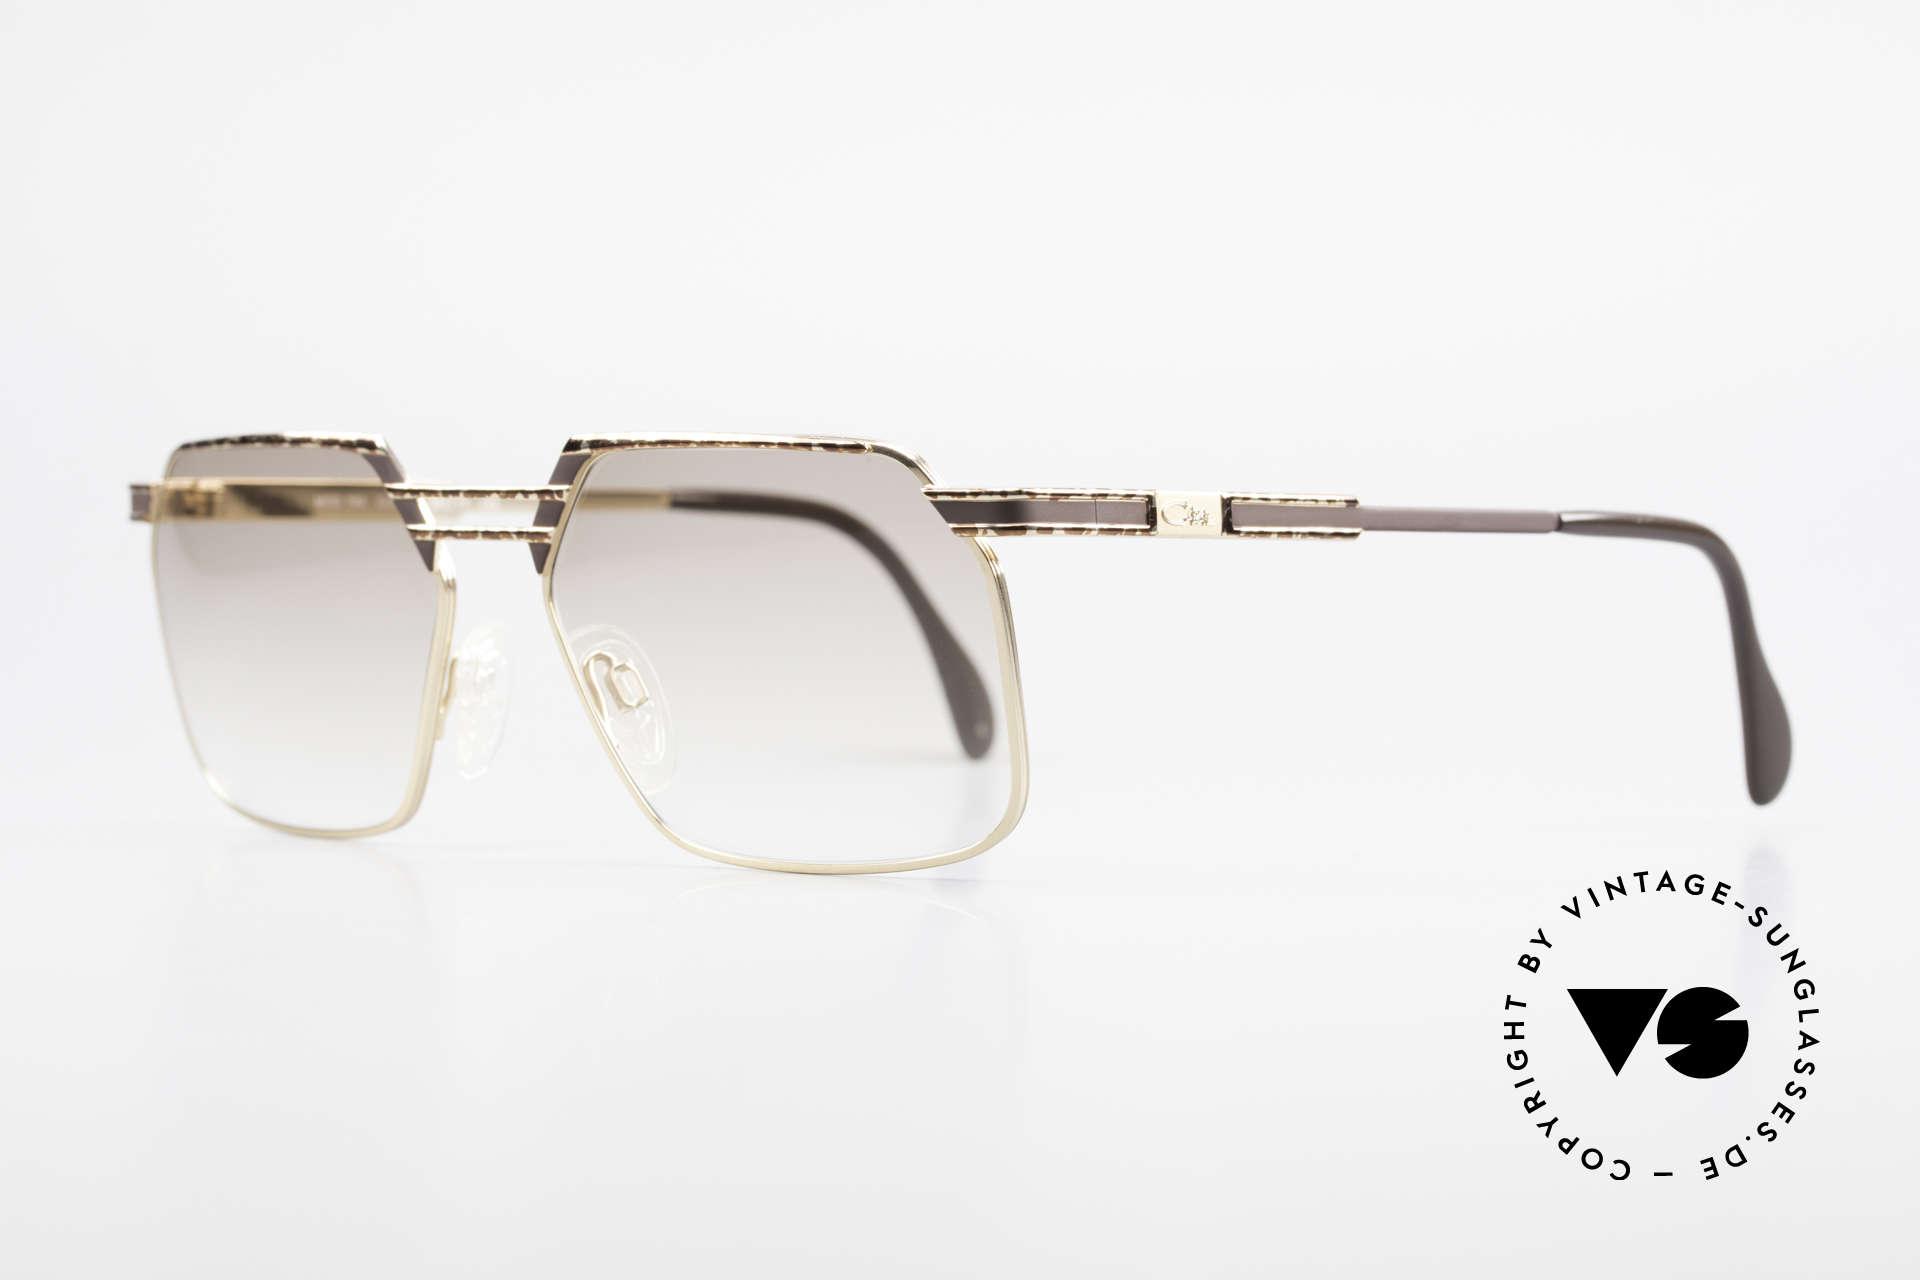 Cazal 760 Echt Vintage 90er Sonnenbrille, stabile Metall-Fassung mit eleganter Kolorierung, Passend für Herren